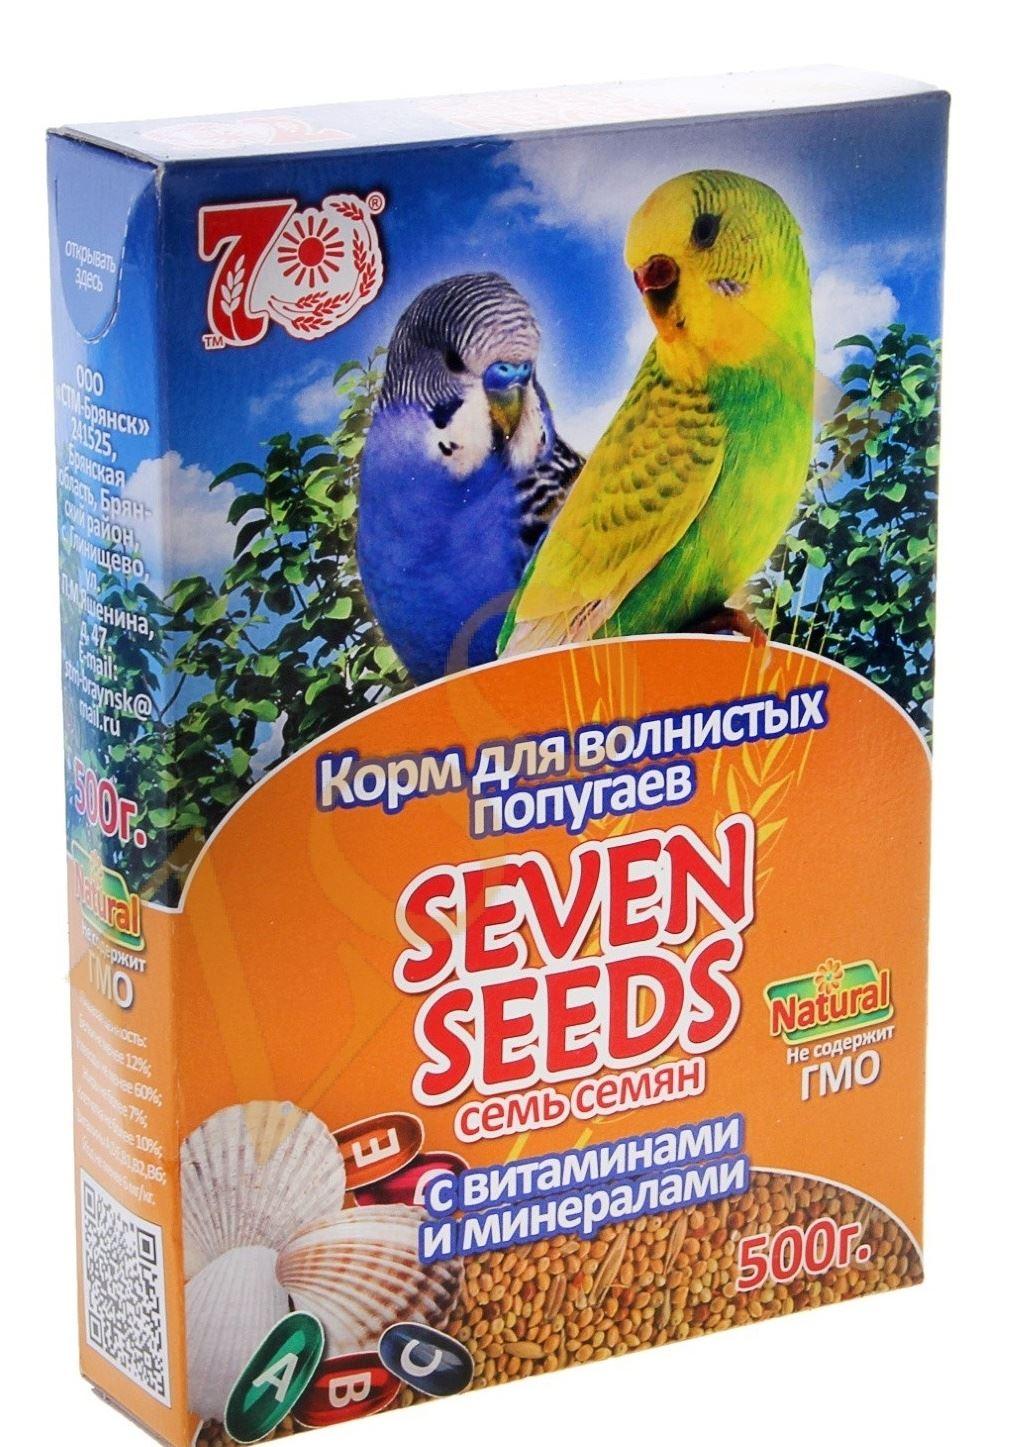 Как сделать корм для попугаев своими руками 4